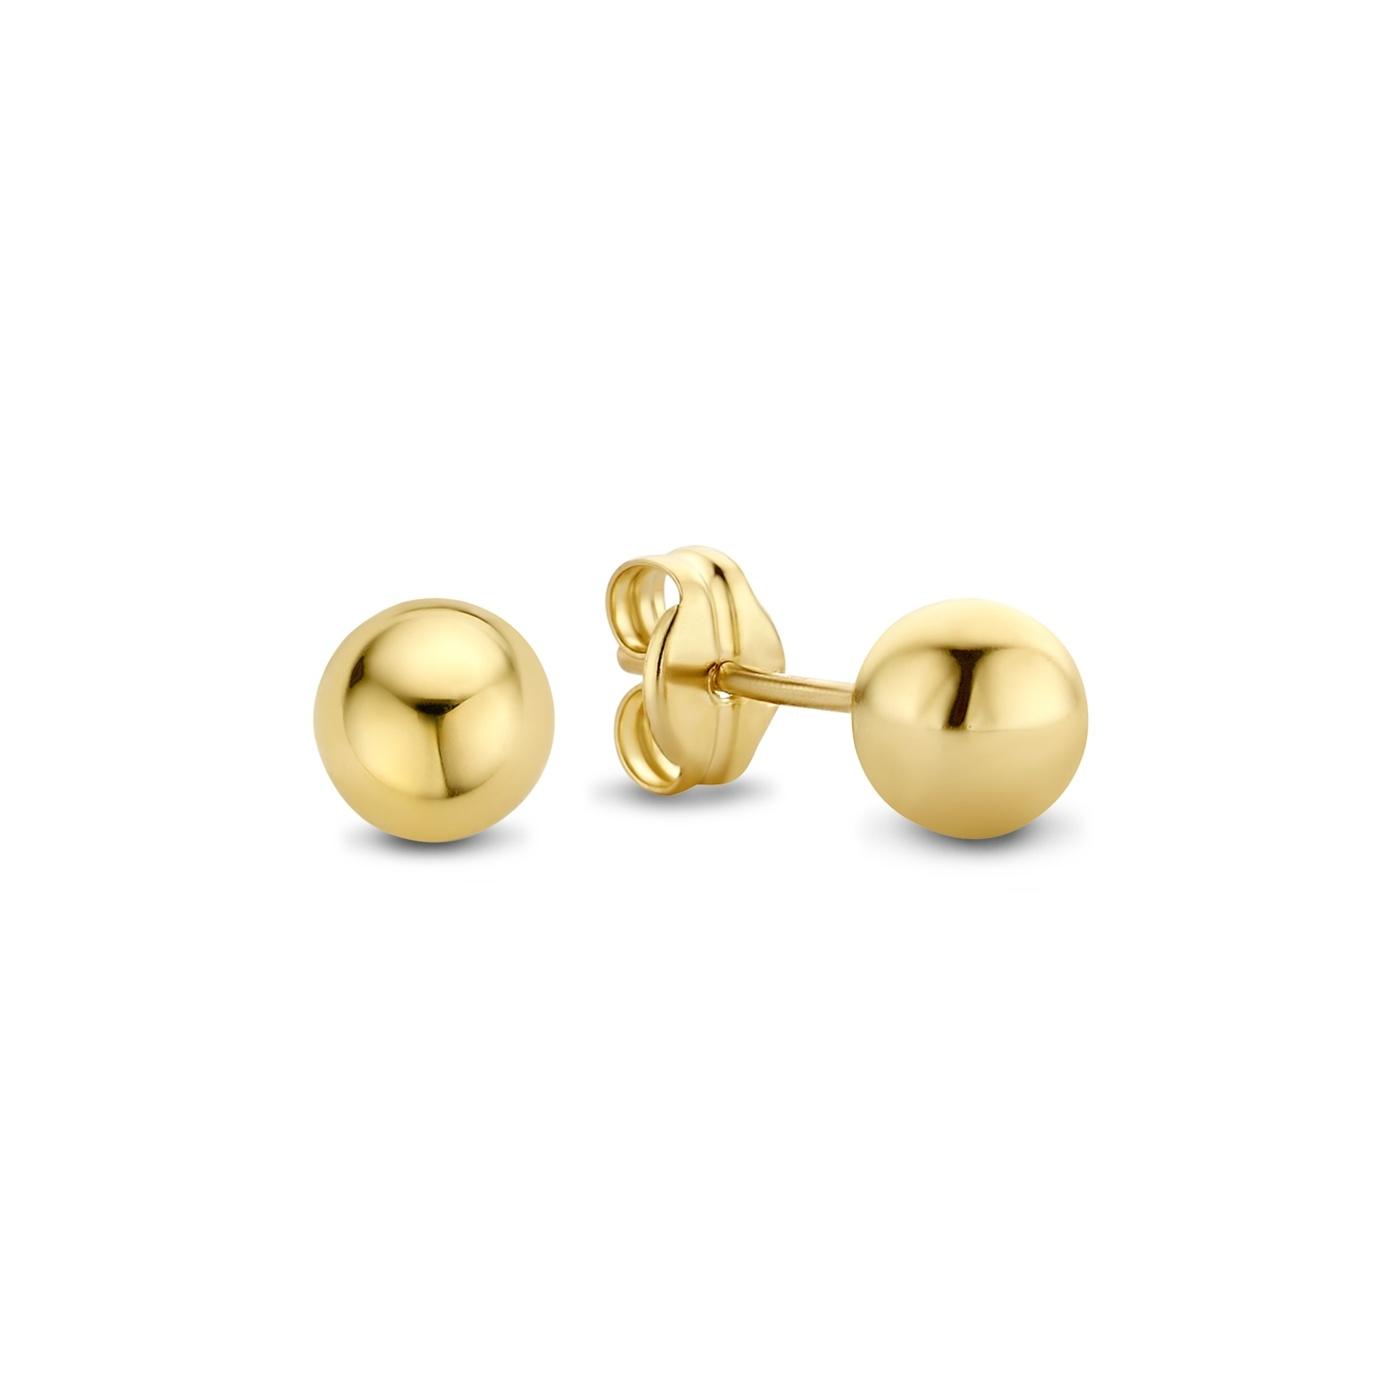 Isabel Bernard Clous d'oreilles Rivoli Coco en or 14 carats perle 5mm